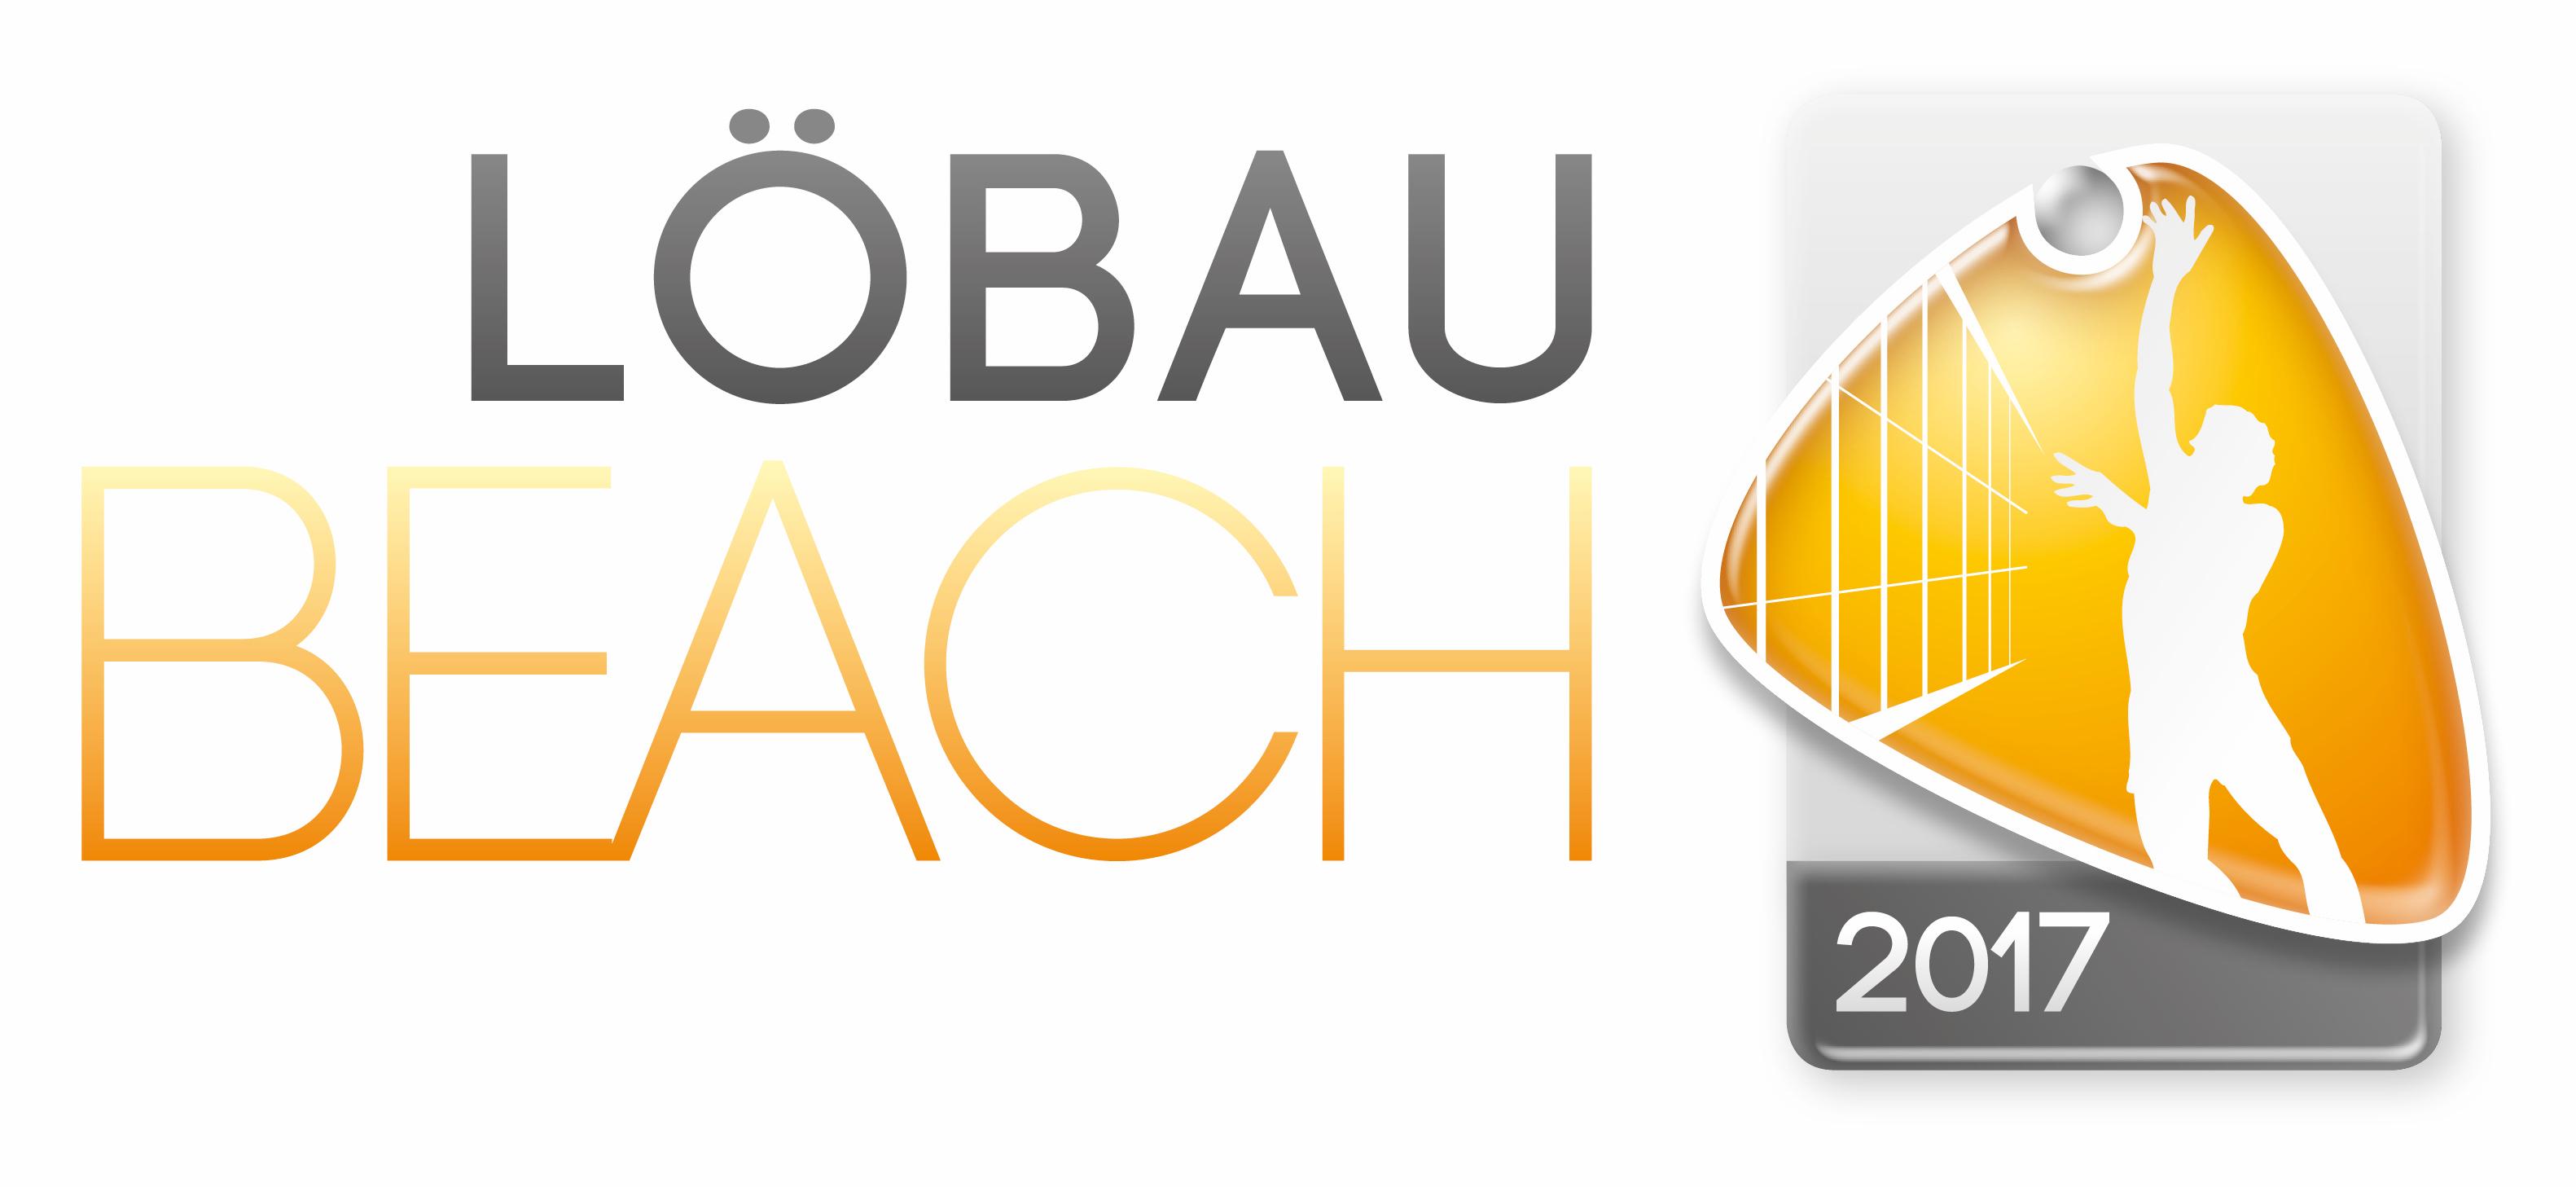 Löbau Beach